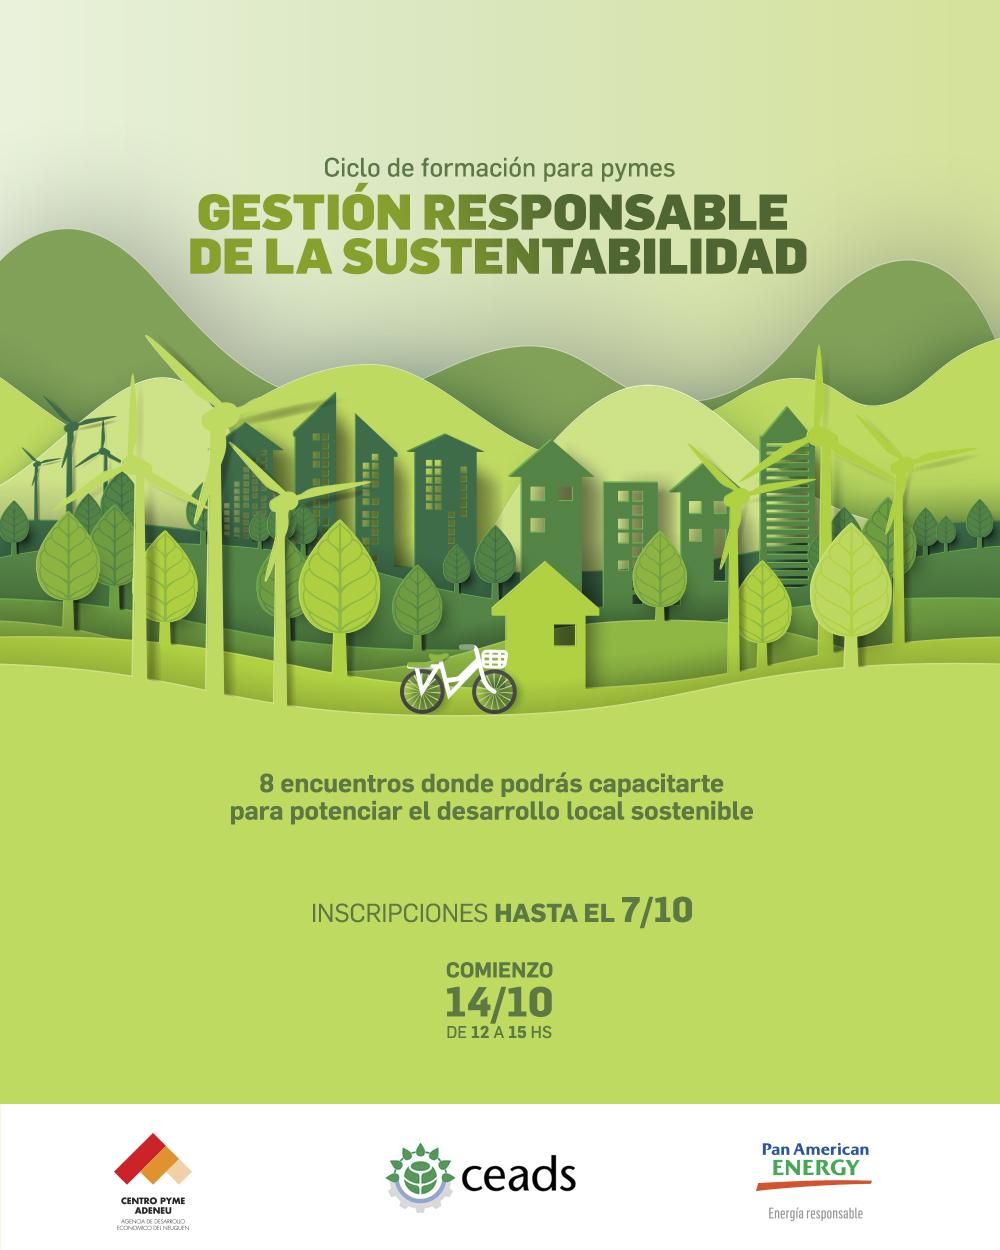 Ciclo de formación para PYMES de Neuquén en Gestión responsable de la sustentabilidad